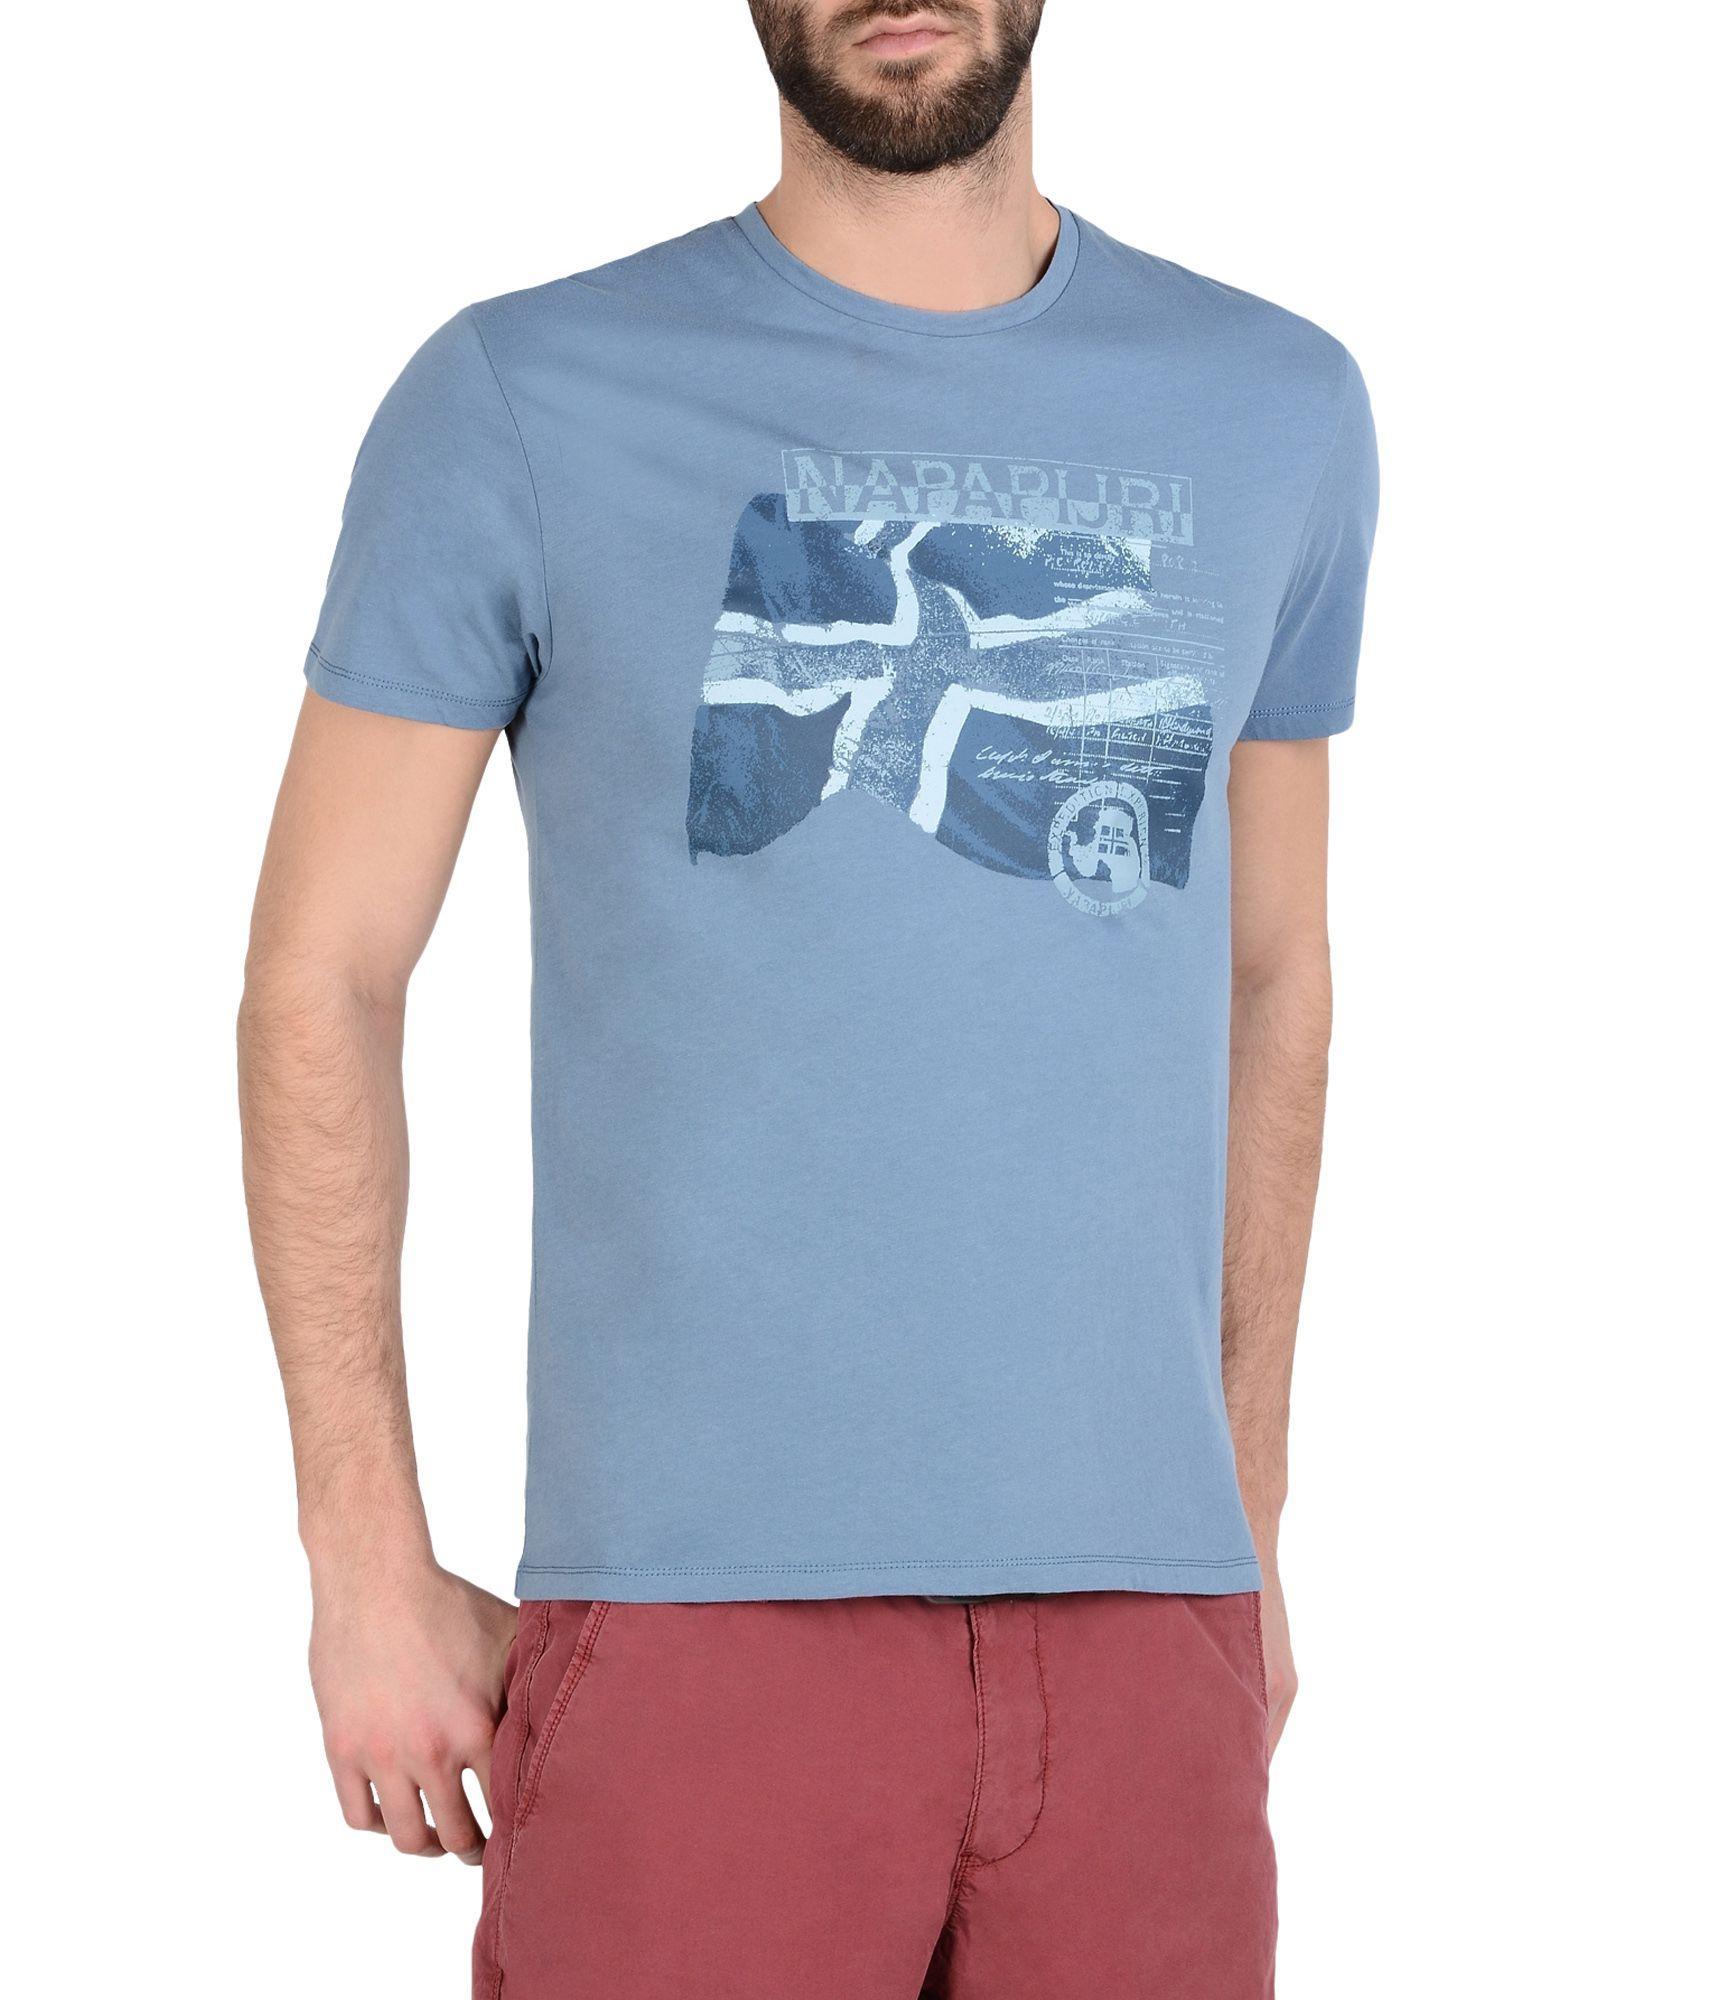 lyst napapijri short sleeve t shirt in blue for men. Black Bedroom Furniture Sets. Home Design Ideas